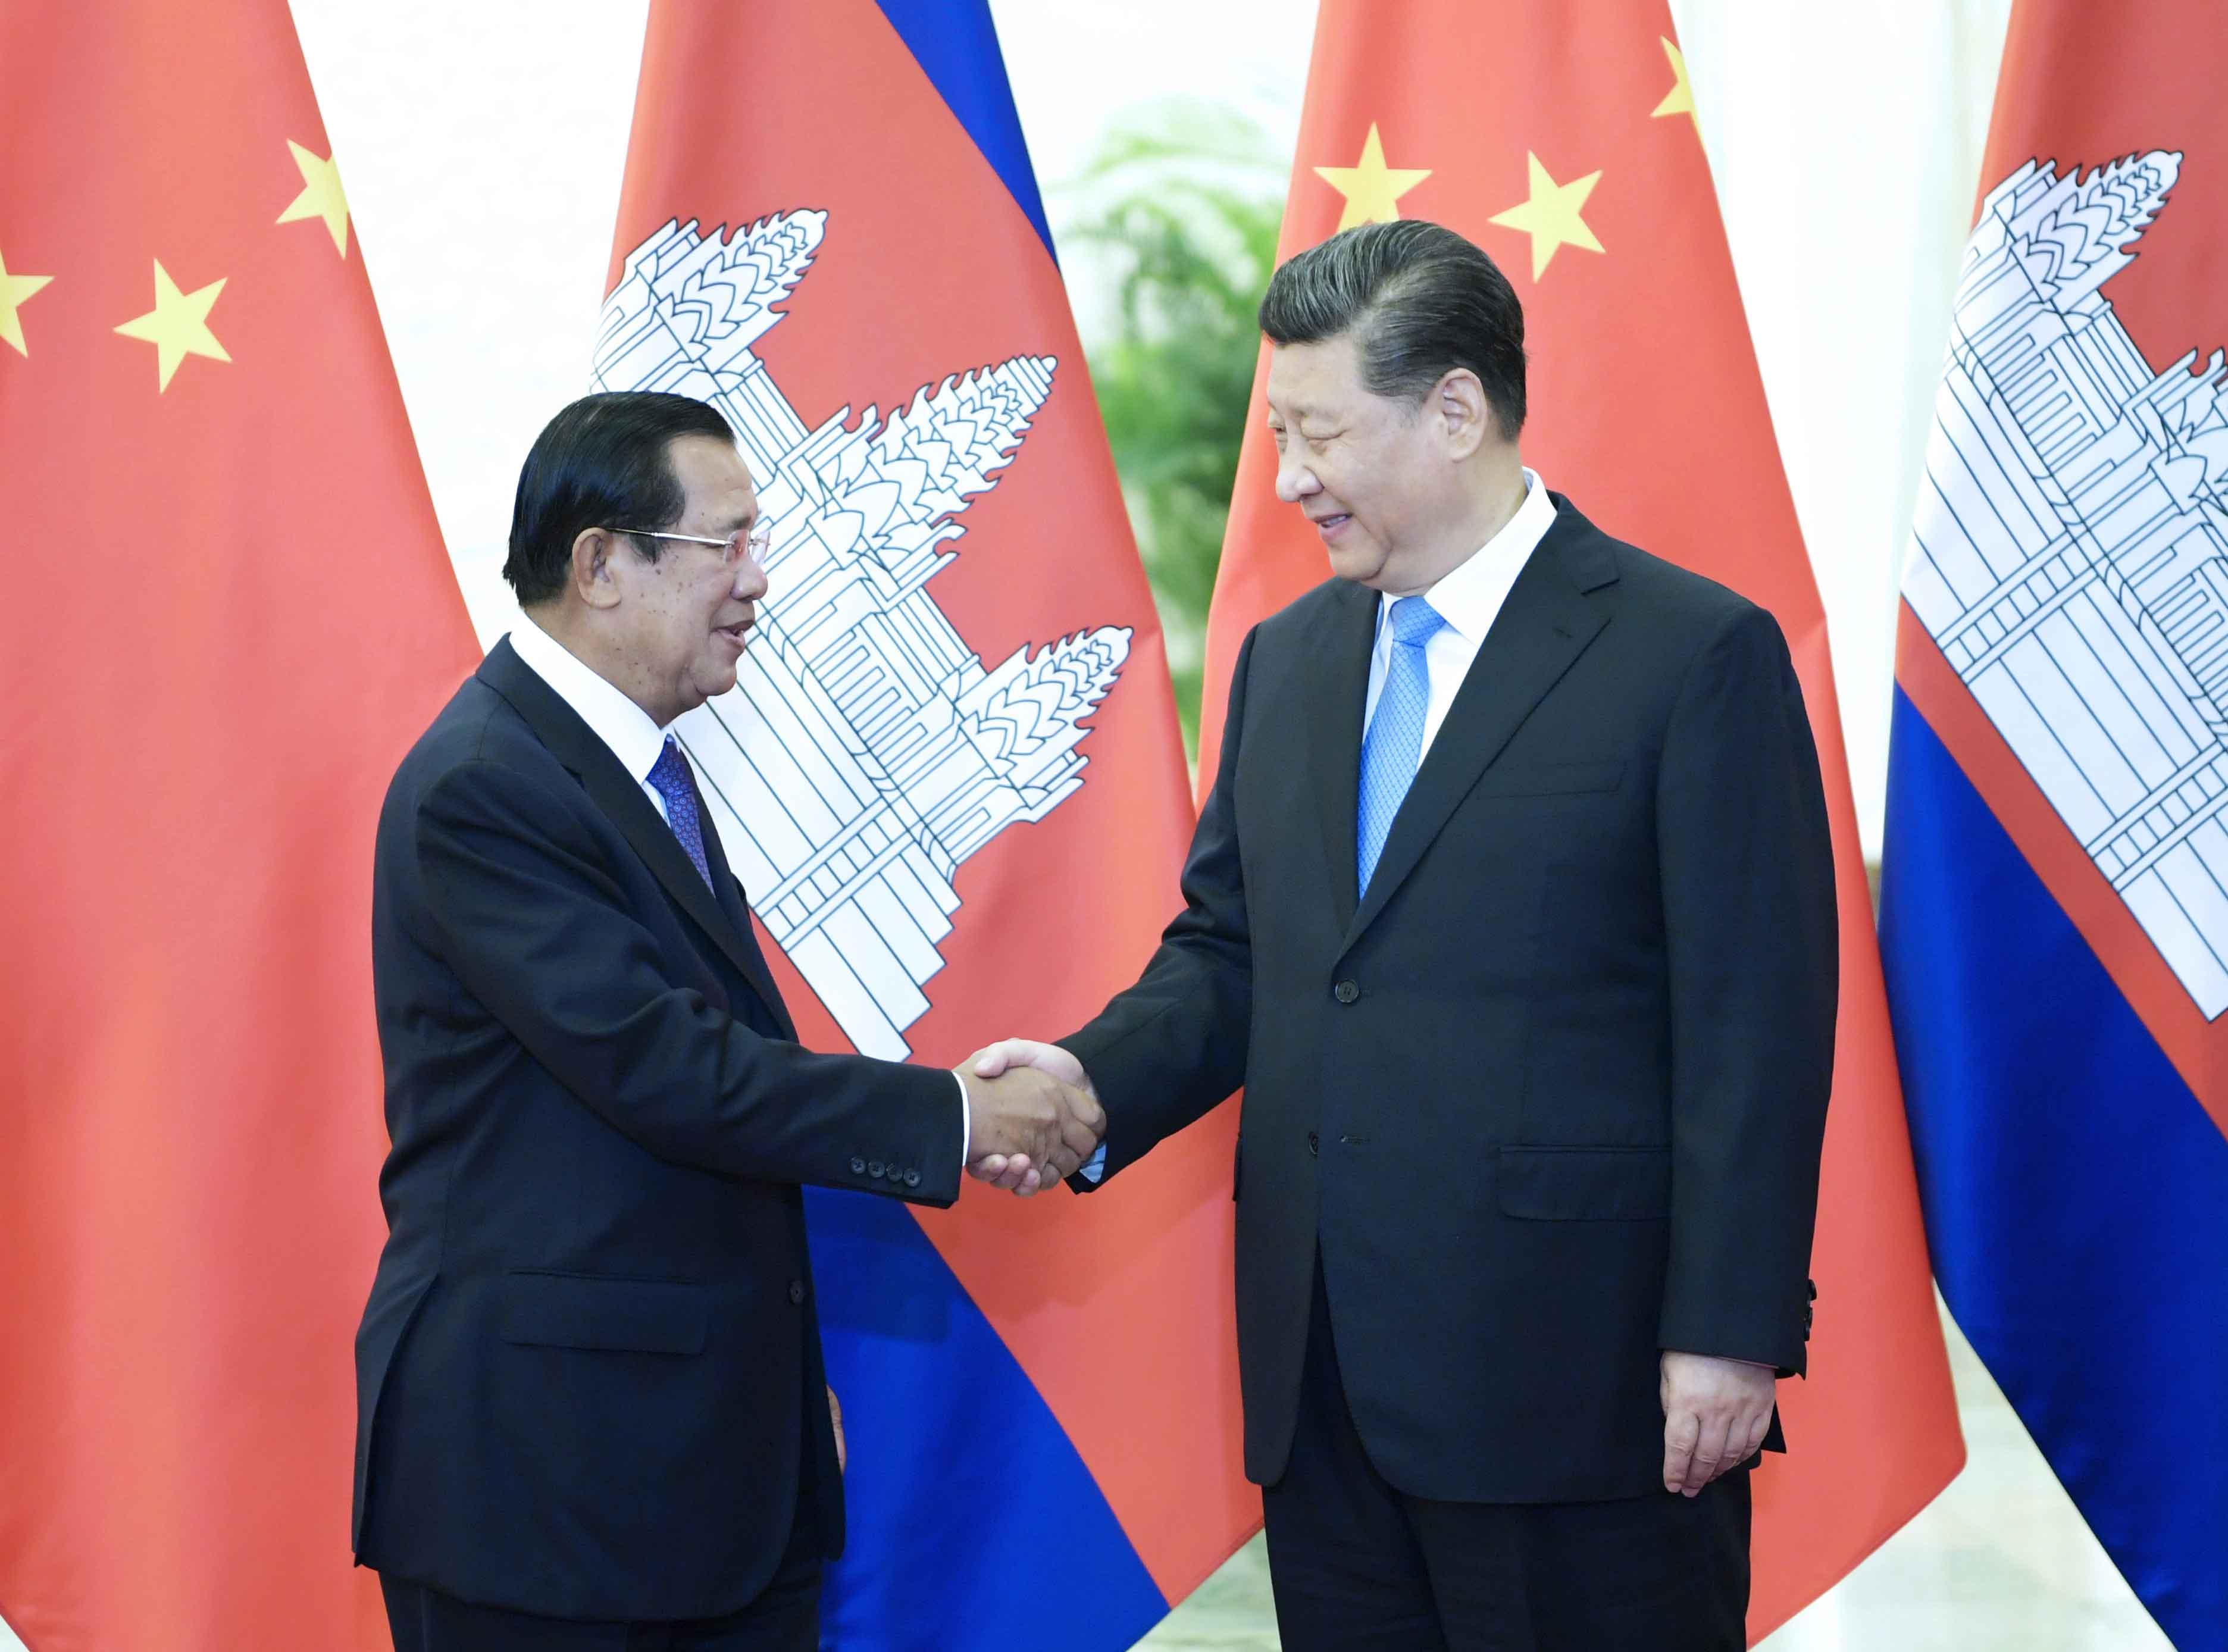 4月29日,国家主席习近平在北京人民大会堂会见柬埔寨首相洪森。